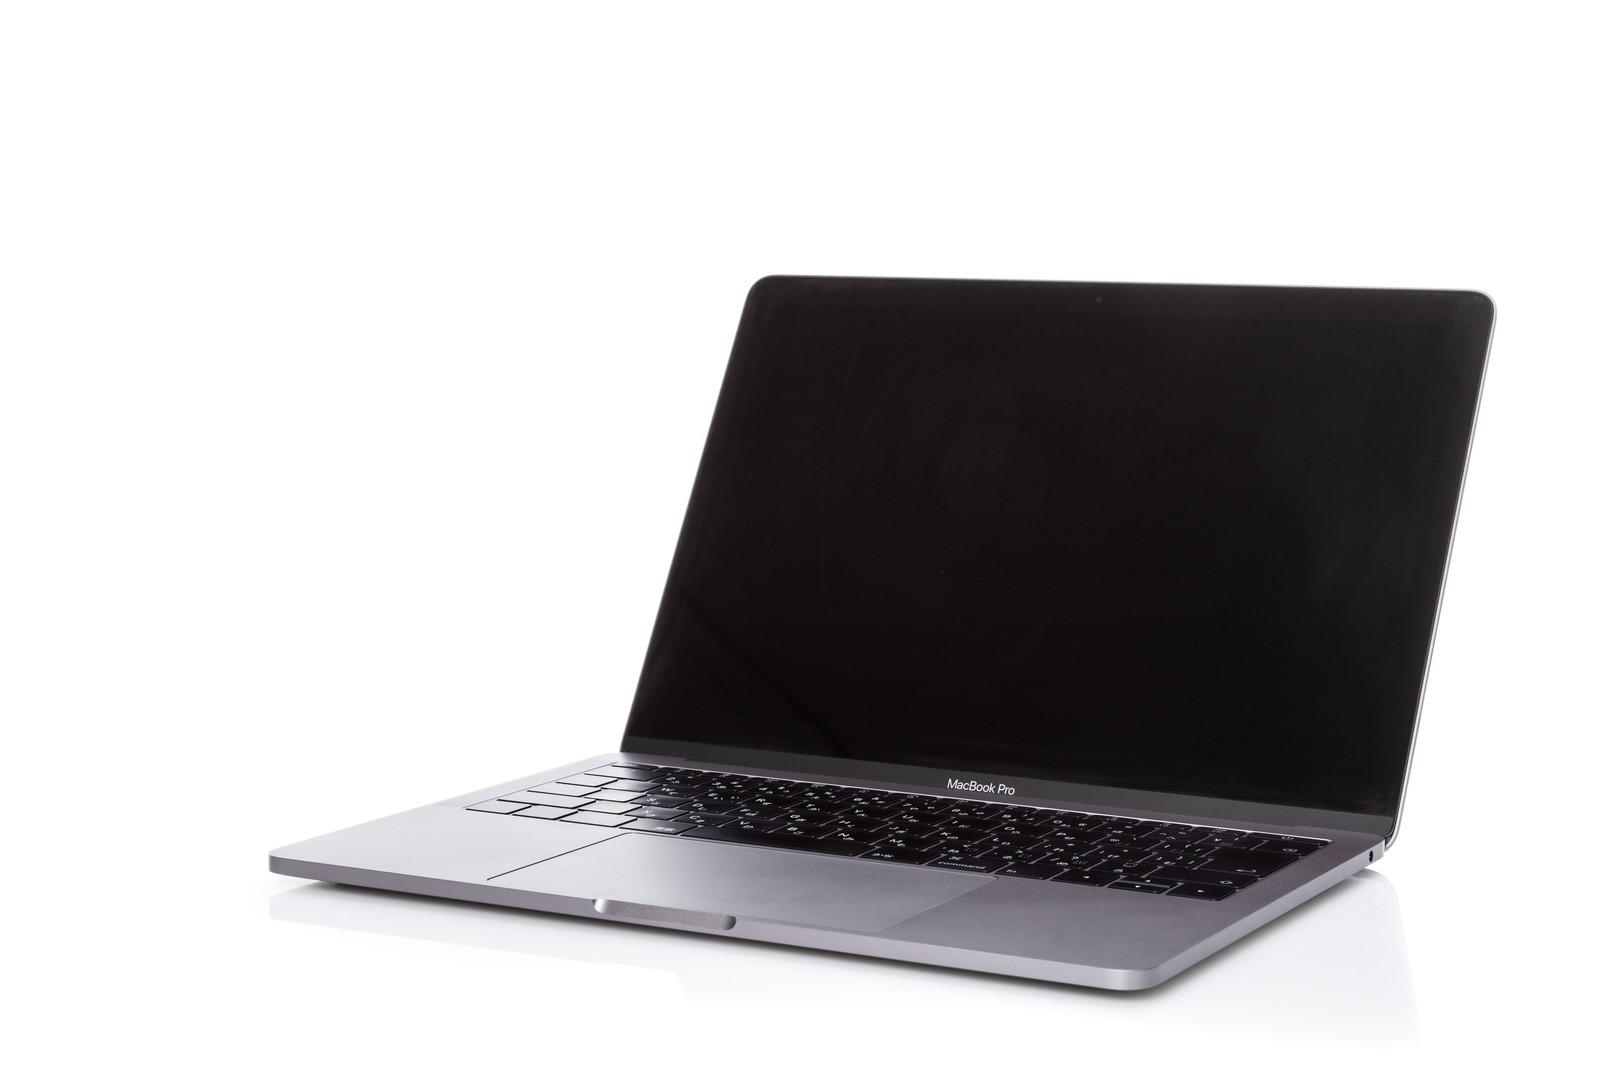 MacBook Pro2016はちょっと小さくなった